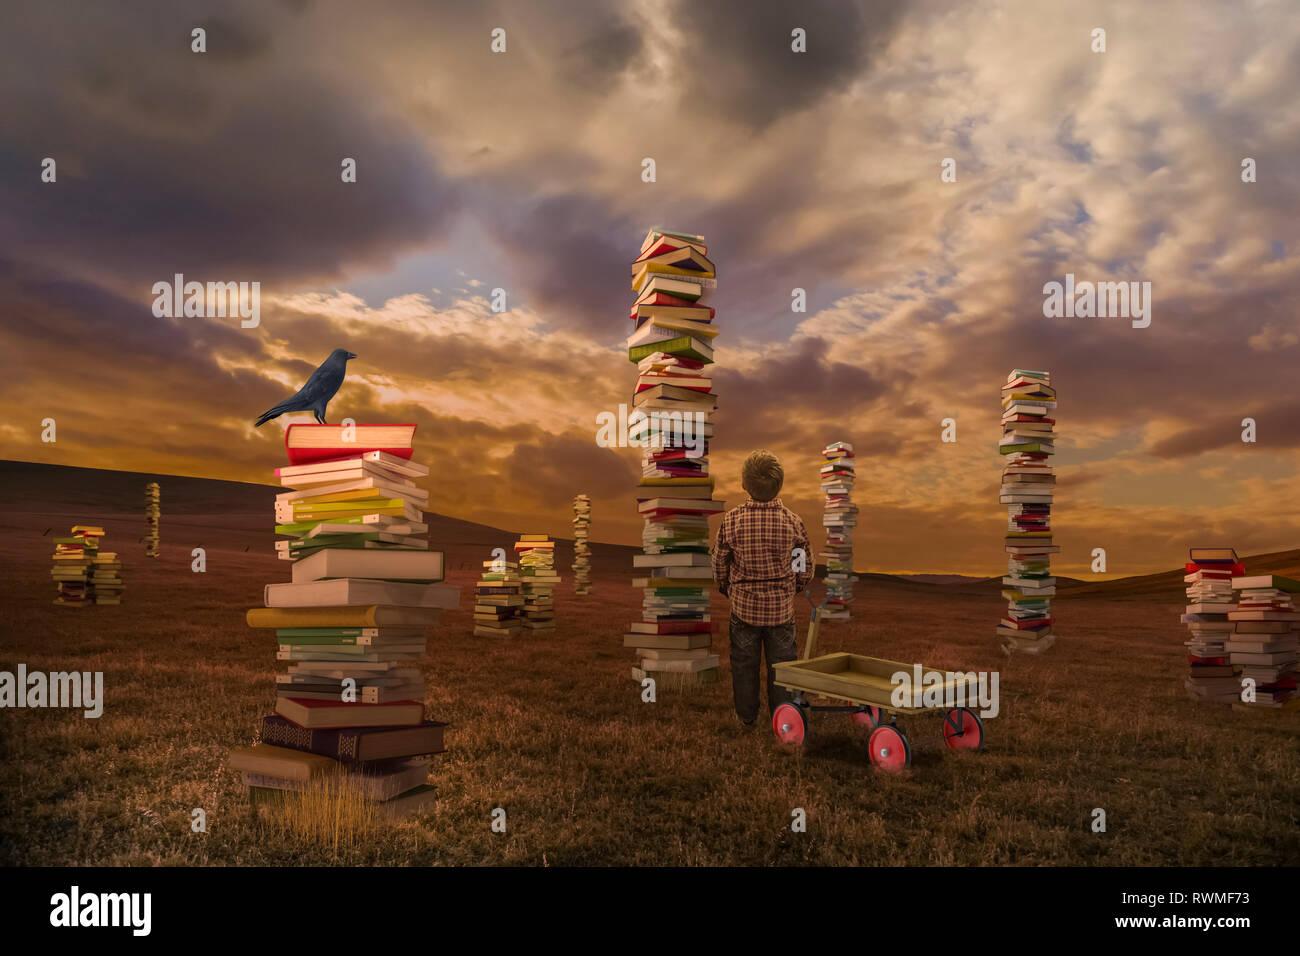 Ein Junge in einem Feld mit einem Wagen am Stapel der Bücher suchen, das zusammengesetzte Bild Stockbild